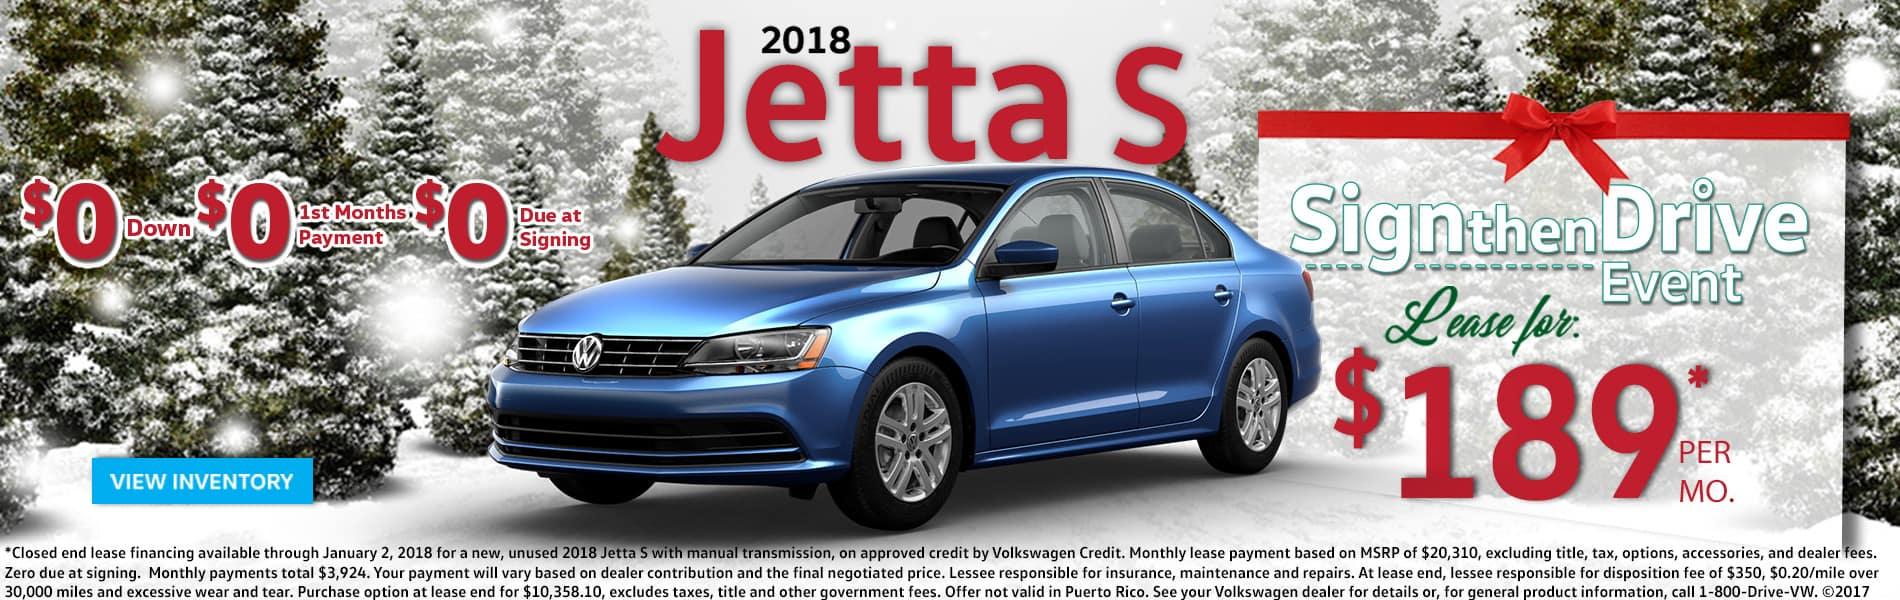 Sutliff Volkswagen Volkswagen Dealer In Harrisburg Pa